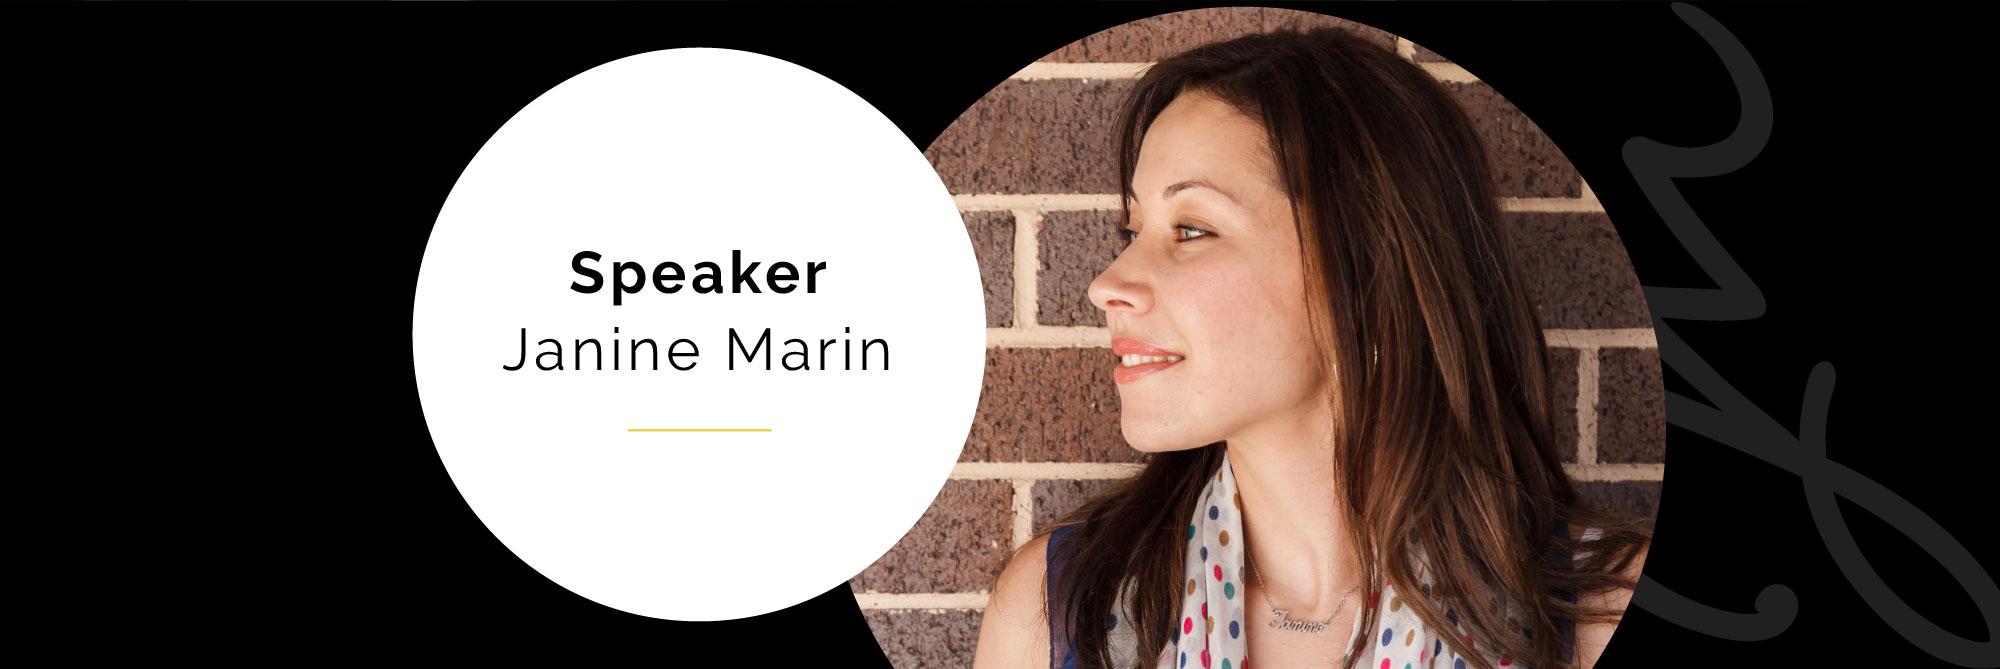 janine-marin-social-communications-speaker